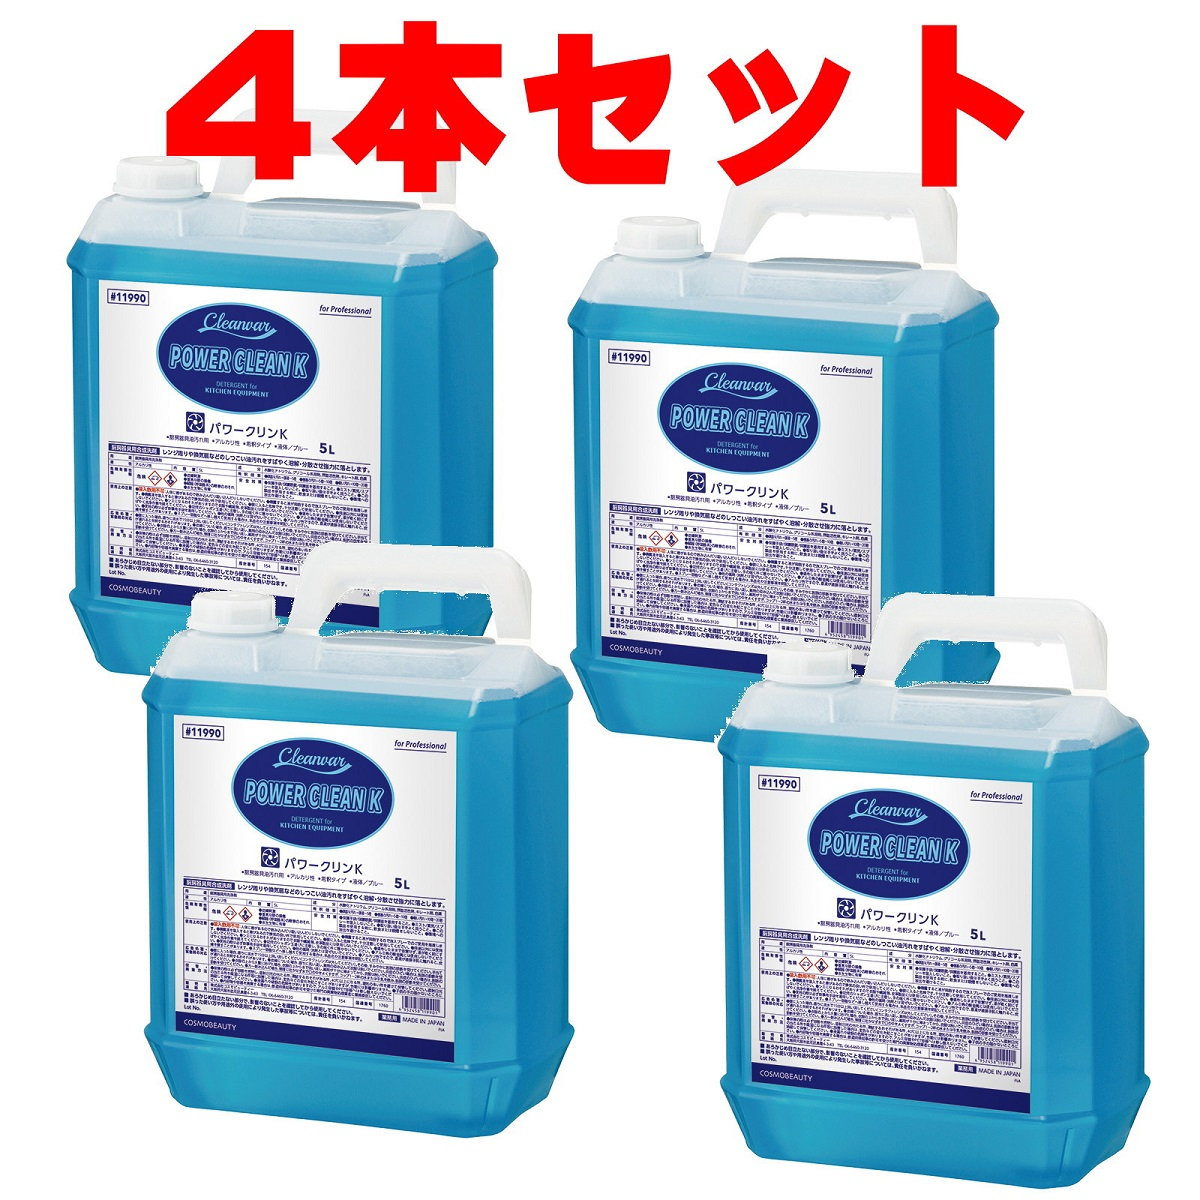 業務用 そうじ 洗剤 エステサロン 様で 人気 パワークリンK 5L 4本セットアロマオイル 油 落とし 強力洗剤 マッサージオイル 洗浄剤 コスモビューティー 11990 送料無料